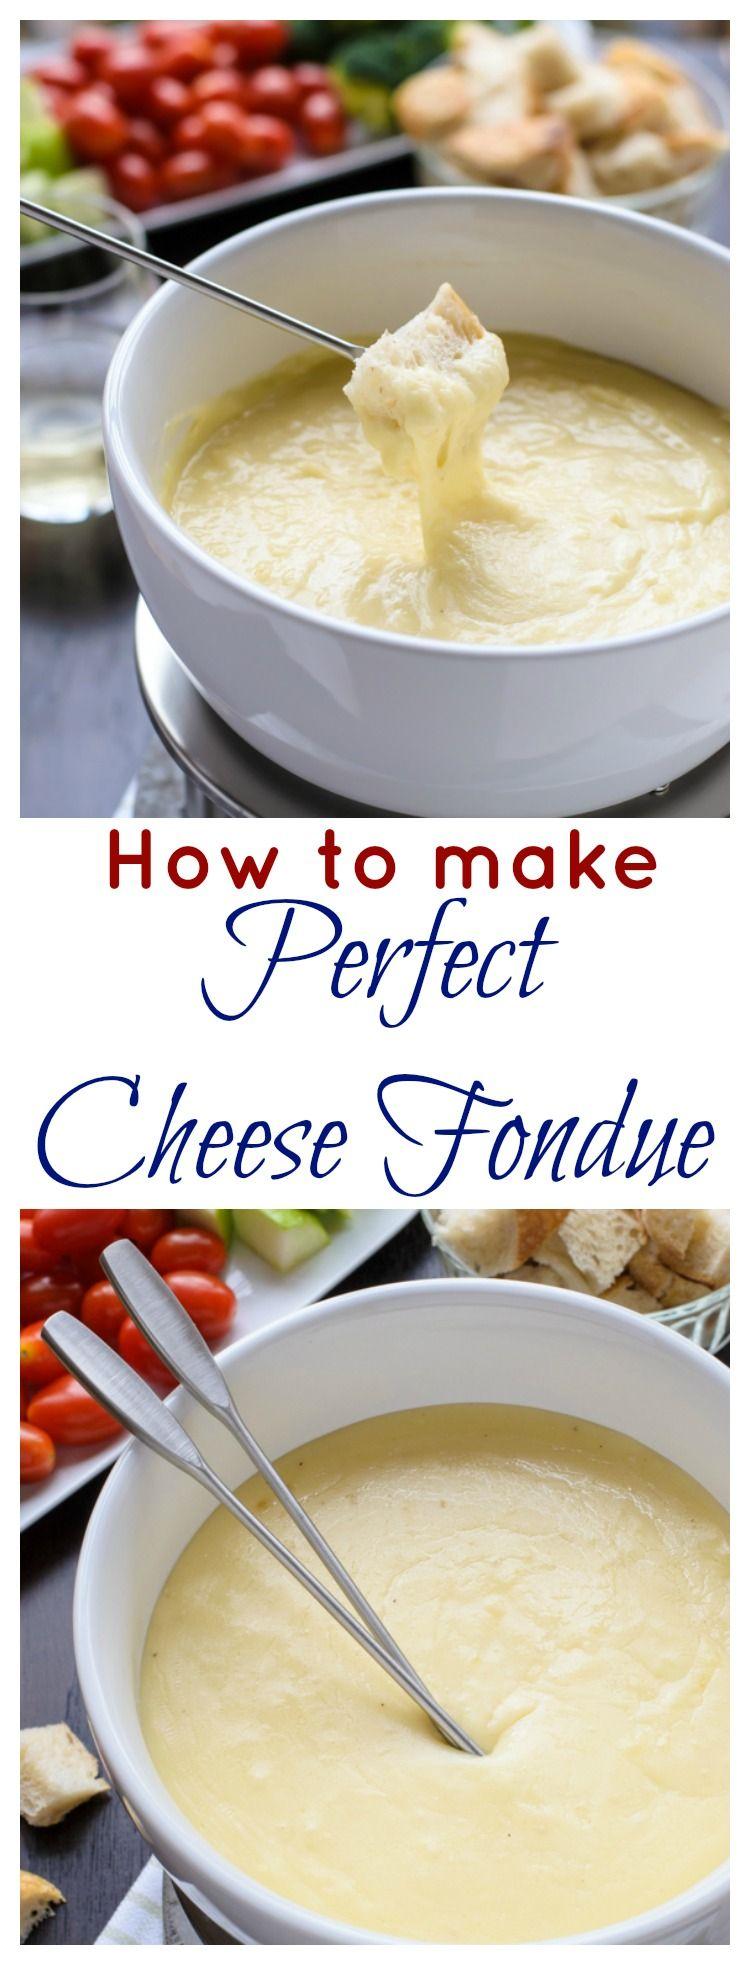 Easy Recipes on | Pinterest | Cheese fondue recipes, Fondue recipes ...